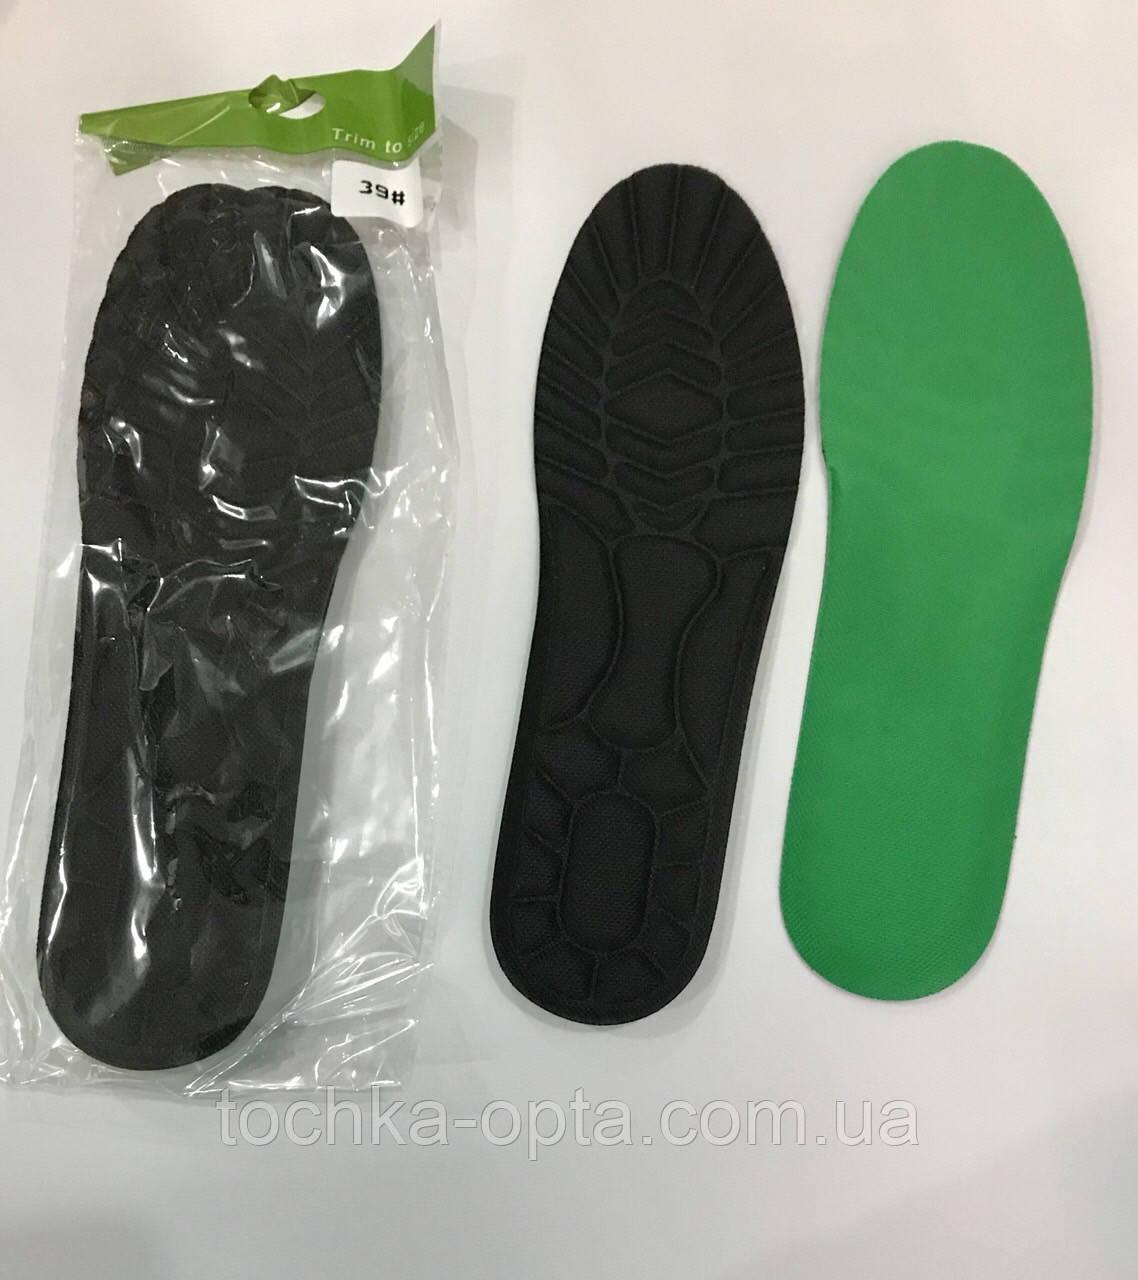 Стельки для спортивной обуви ортопедические 38 размер